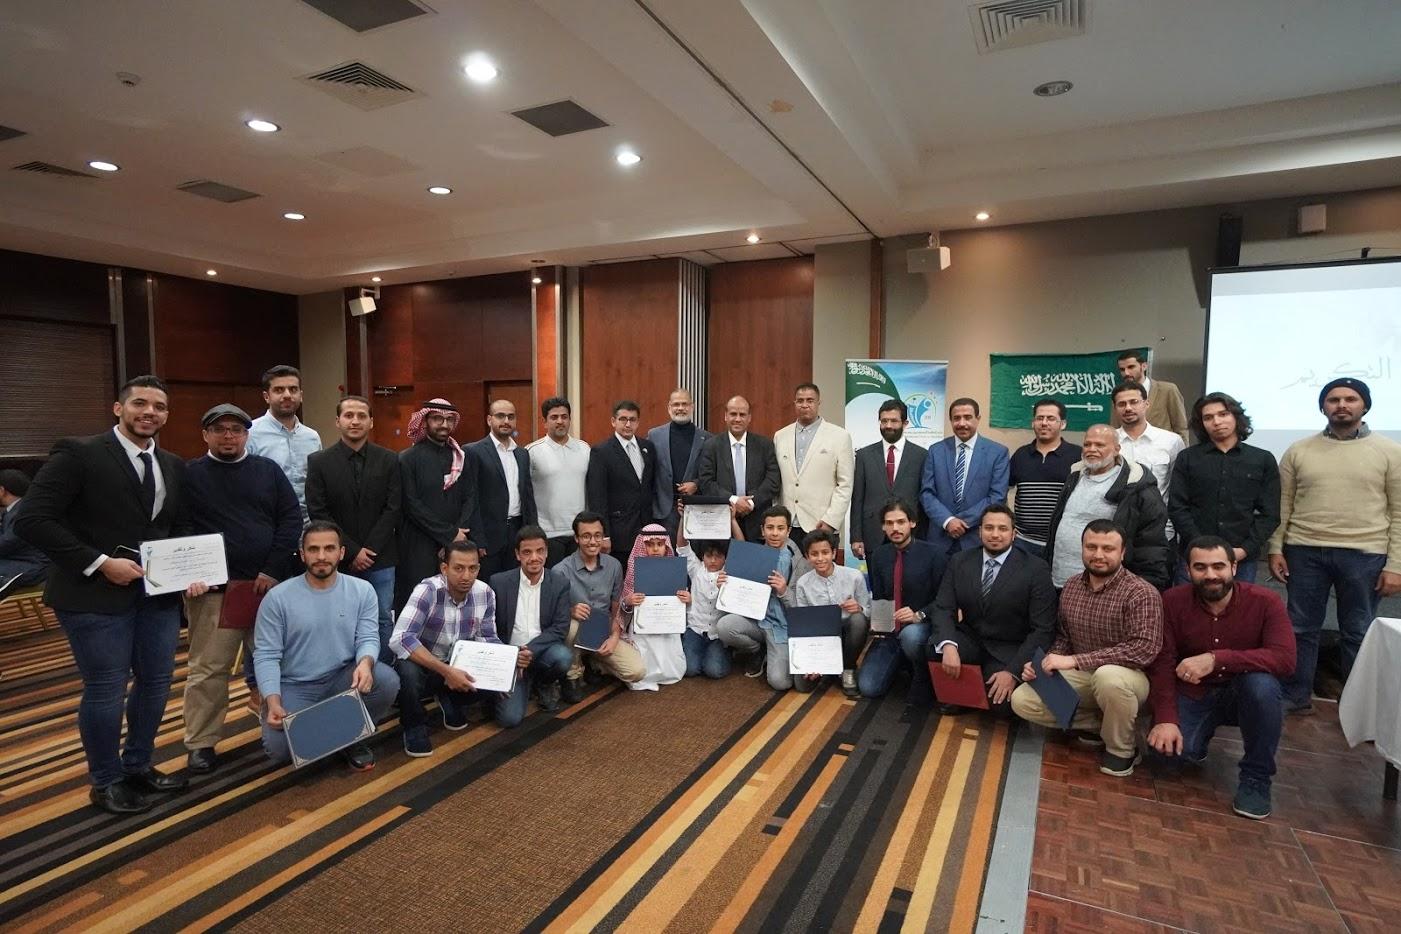 صورة مع المكرمين من اعضاء الهيئة الادارية للنادي والمتعاونين معهم